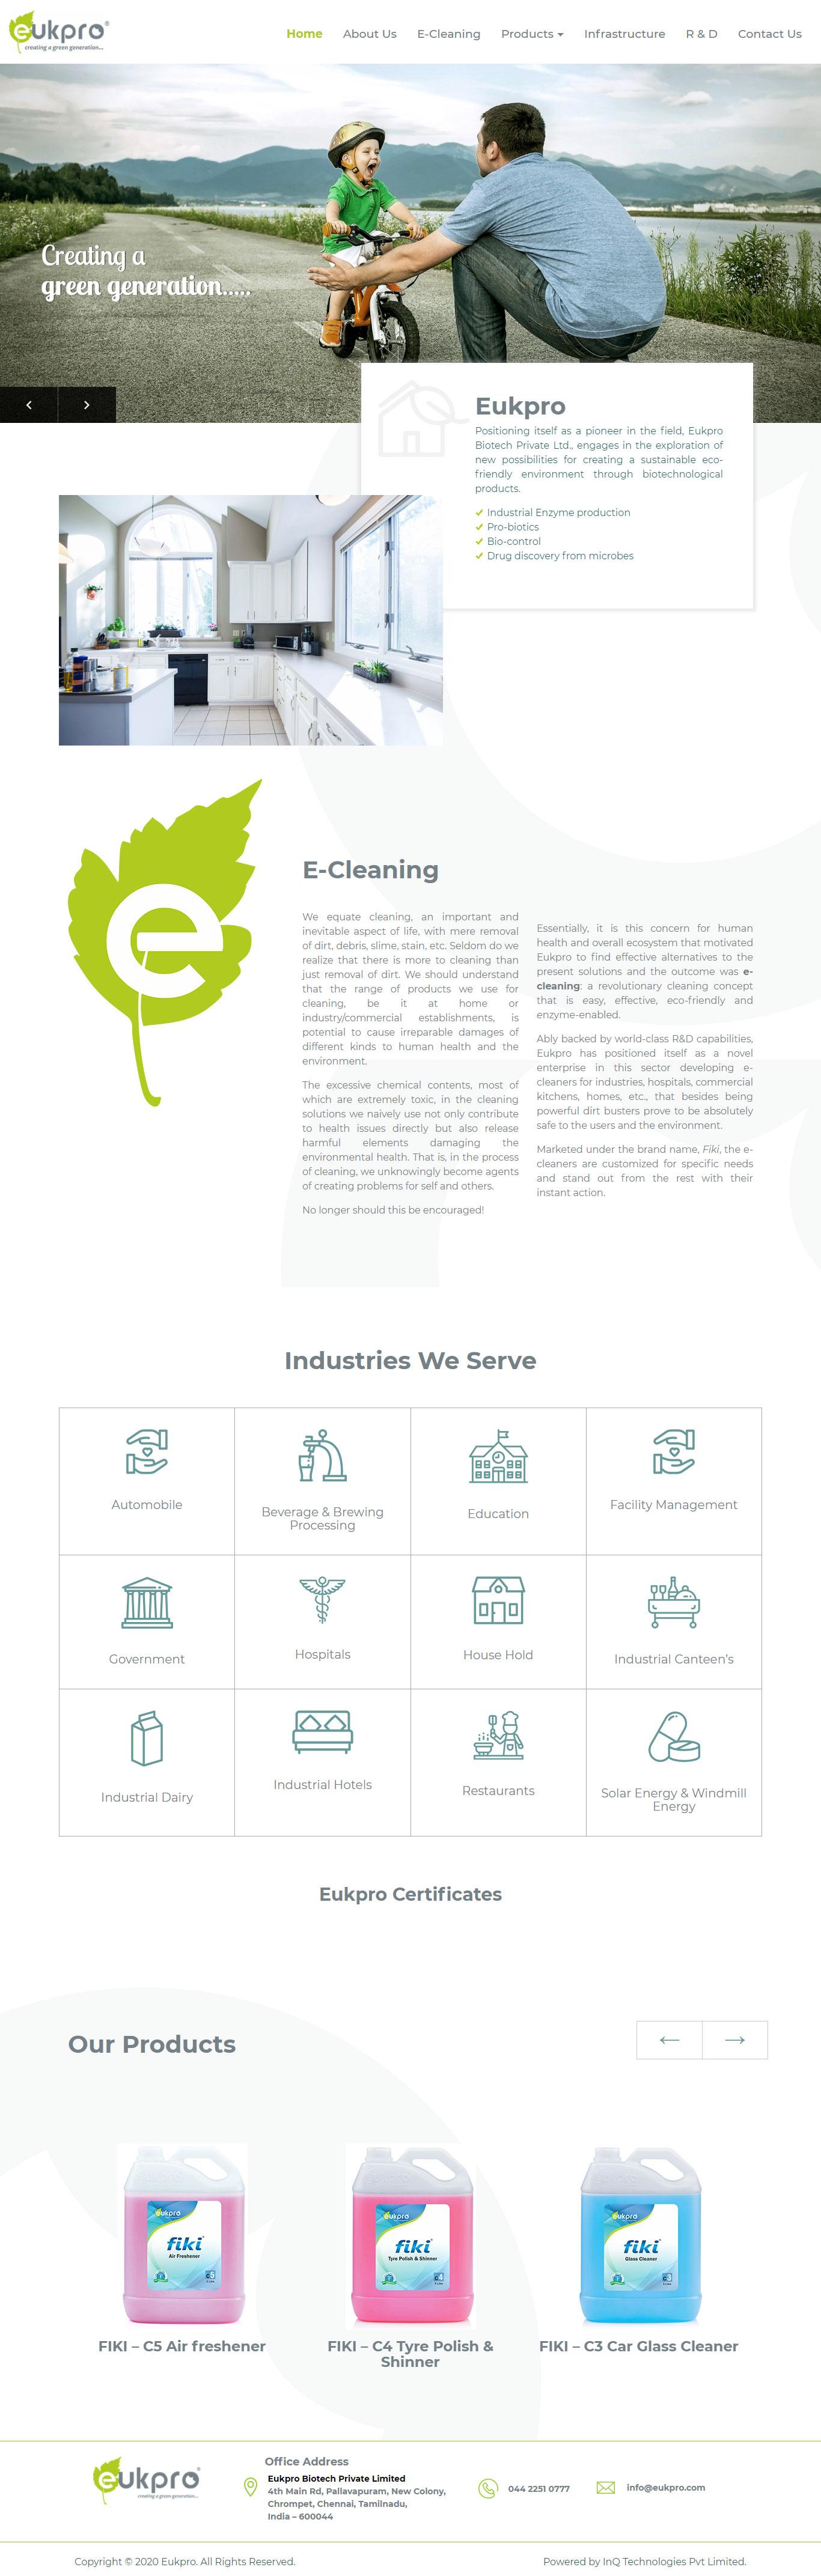 eukpro